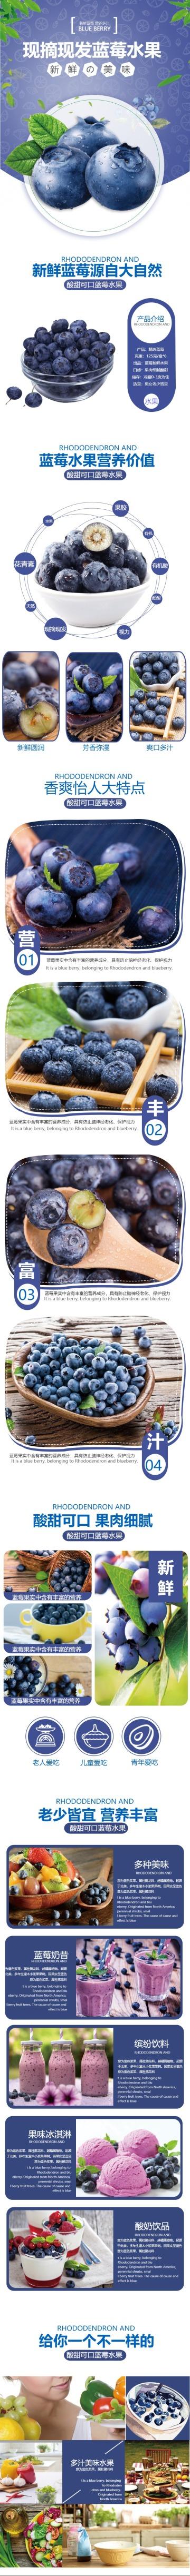 清新简约百货零售水果蓝莓促销电商详情页